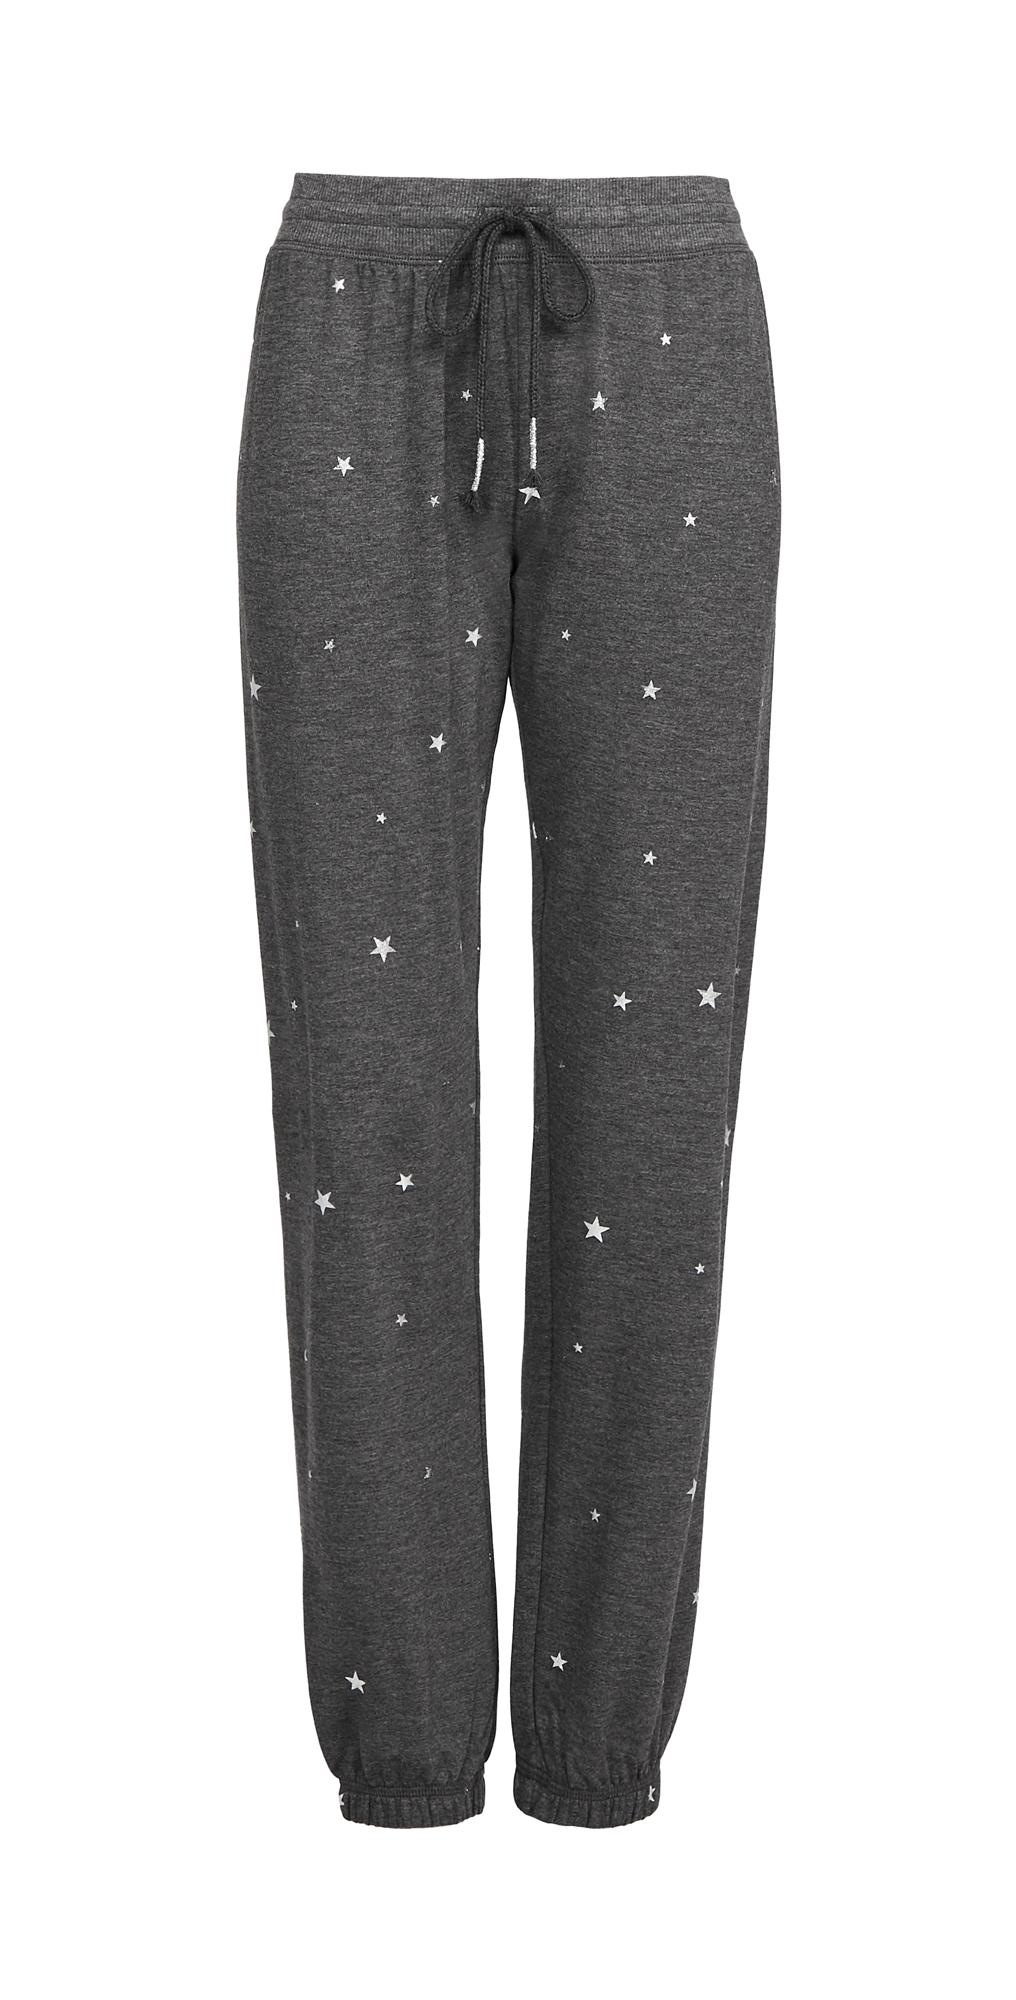 PJ Salvage Shine Star Band Pants